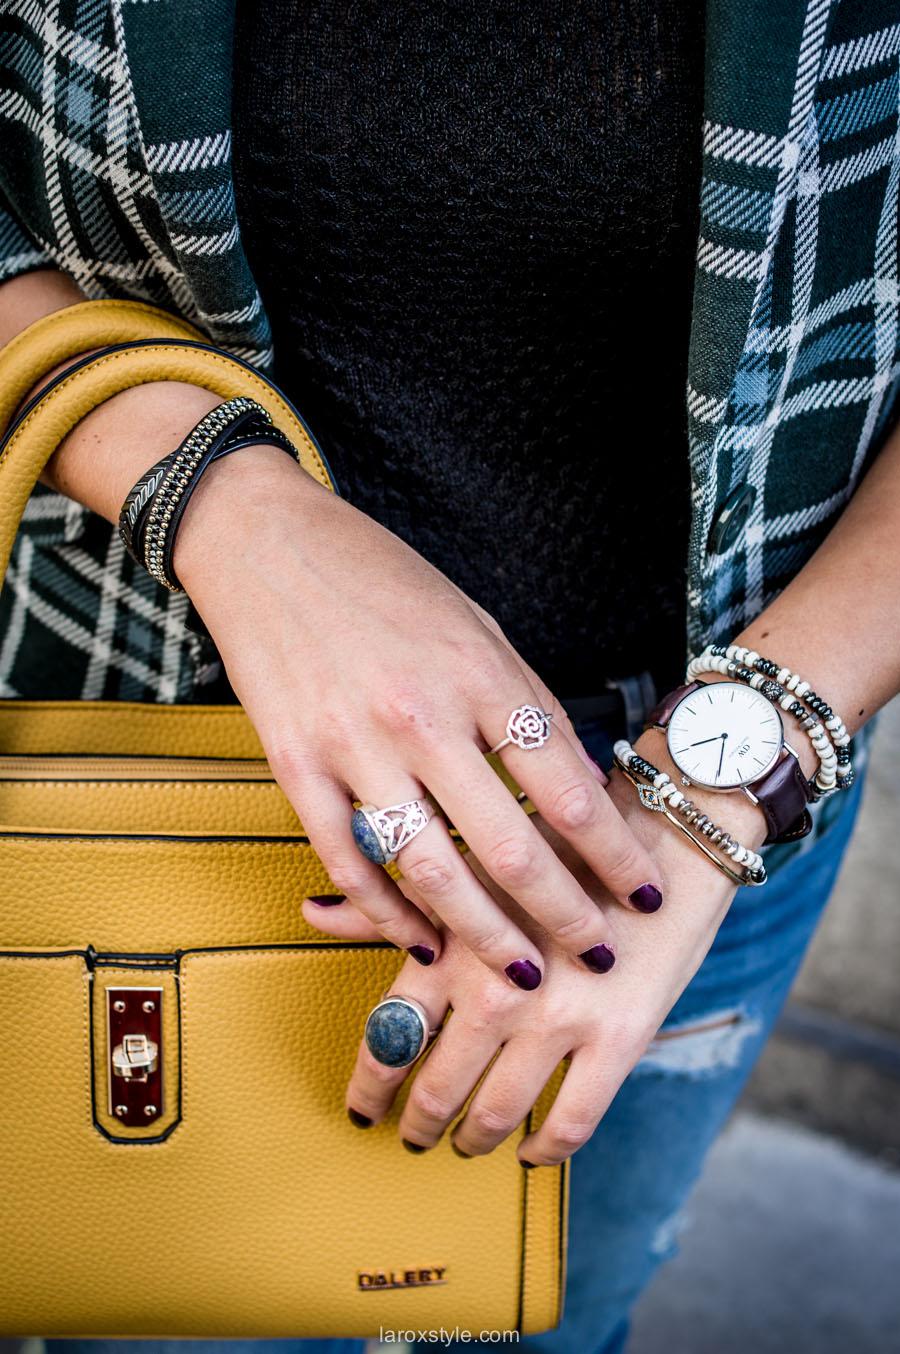 arm party - sac dalery jaune - laroxstyle - blog mode